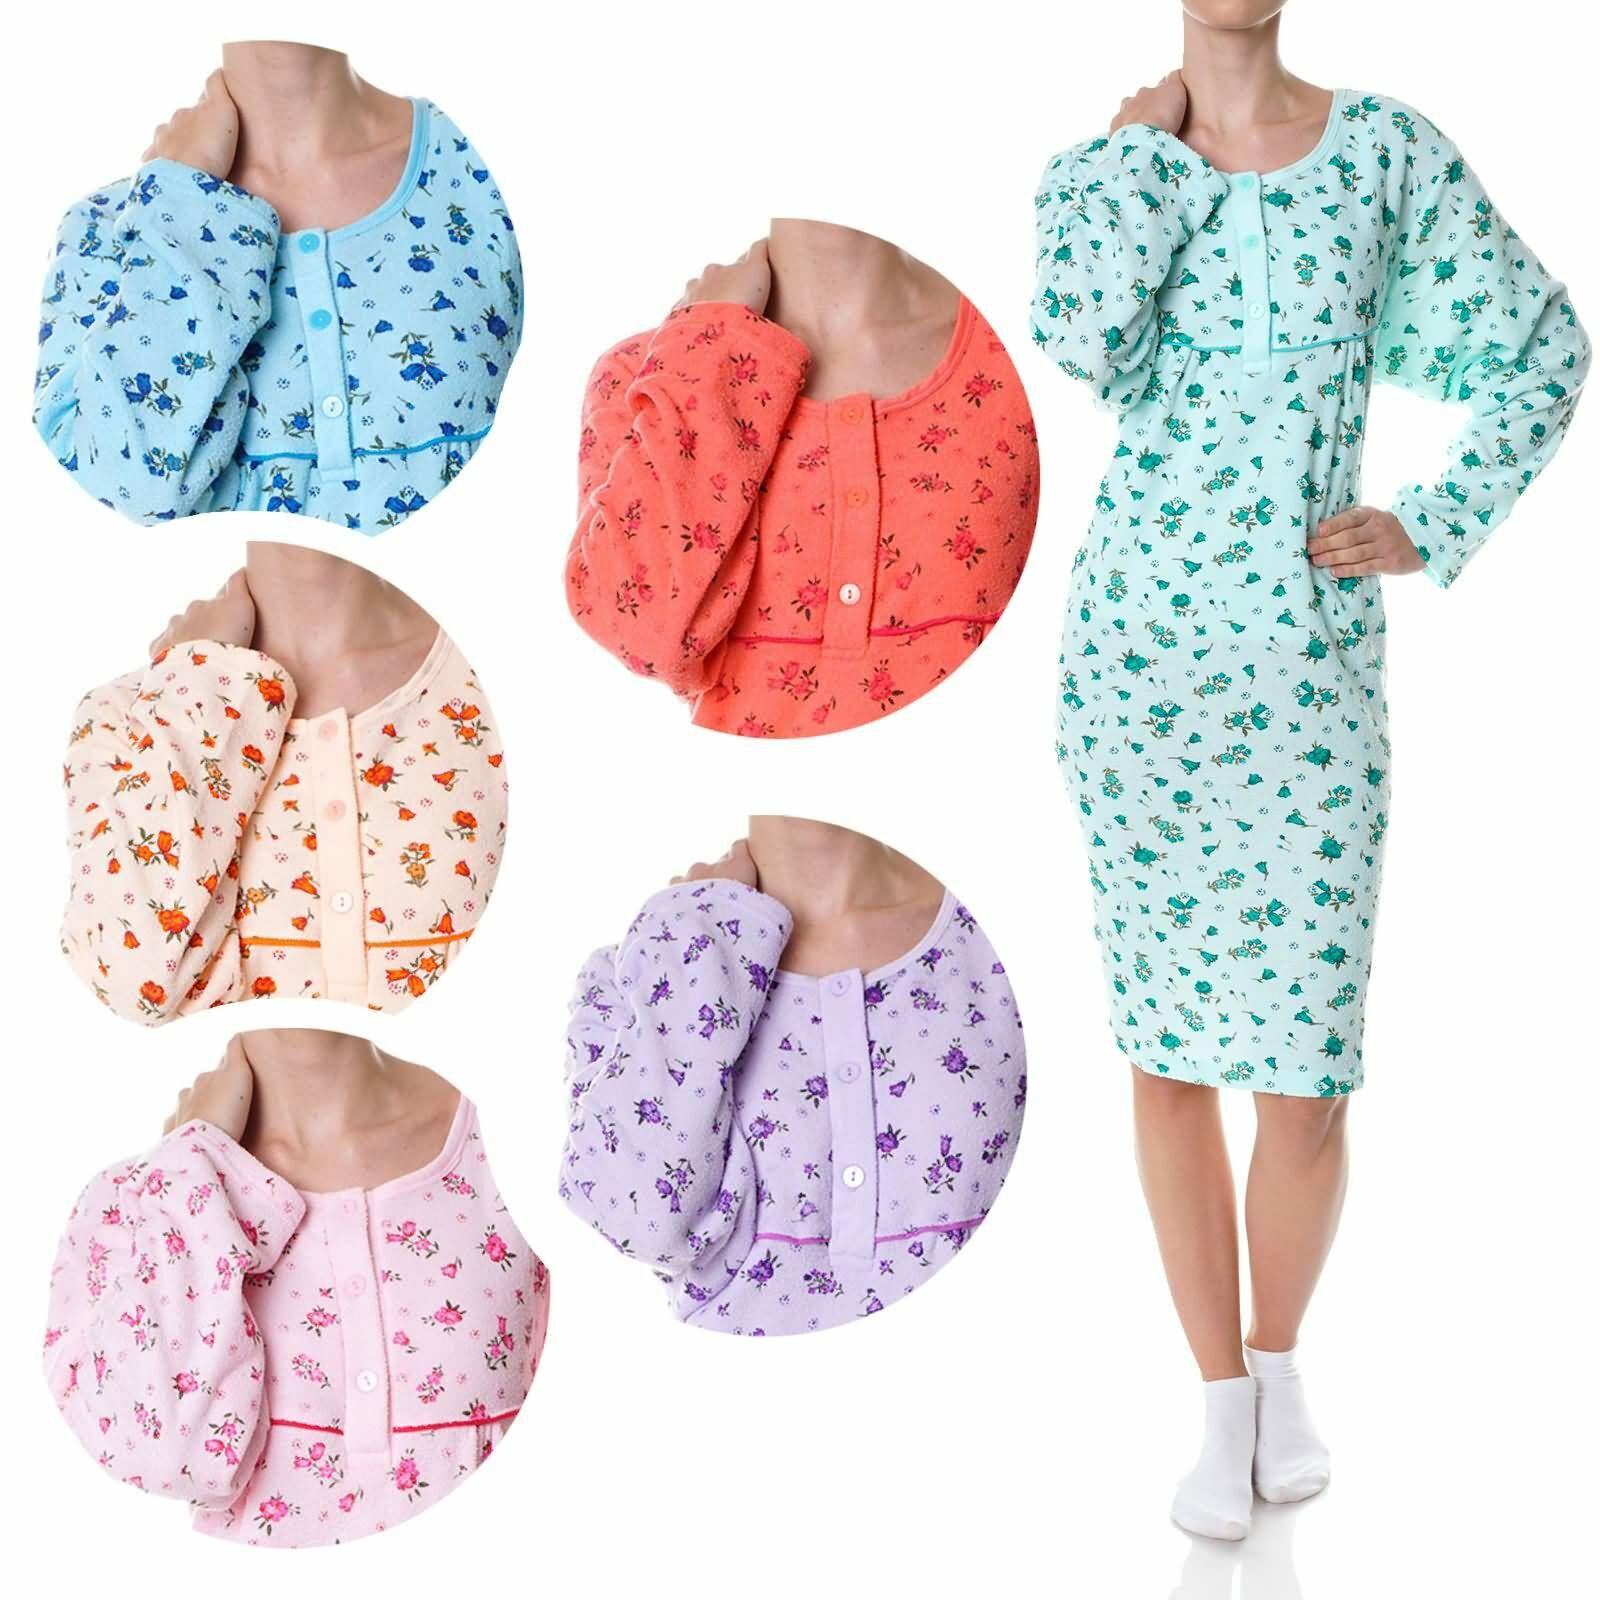 Damen Nachthemd Nachtwäsche Schlafshirt Nighty Sleepshirt Negligee Kleid 21693